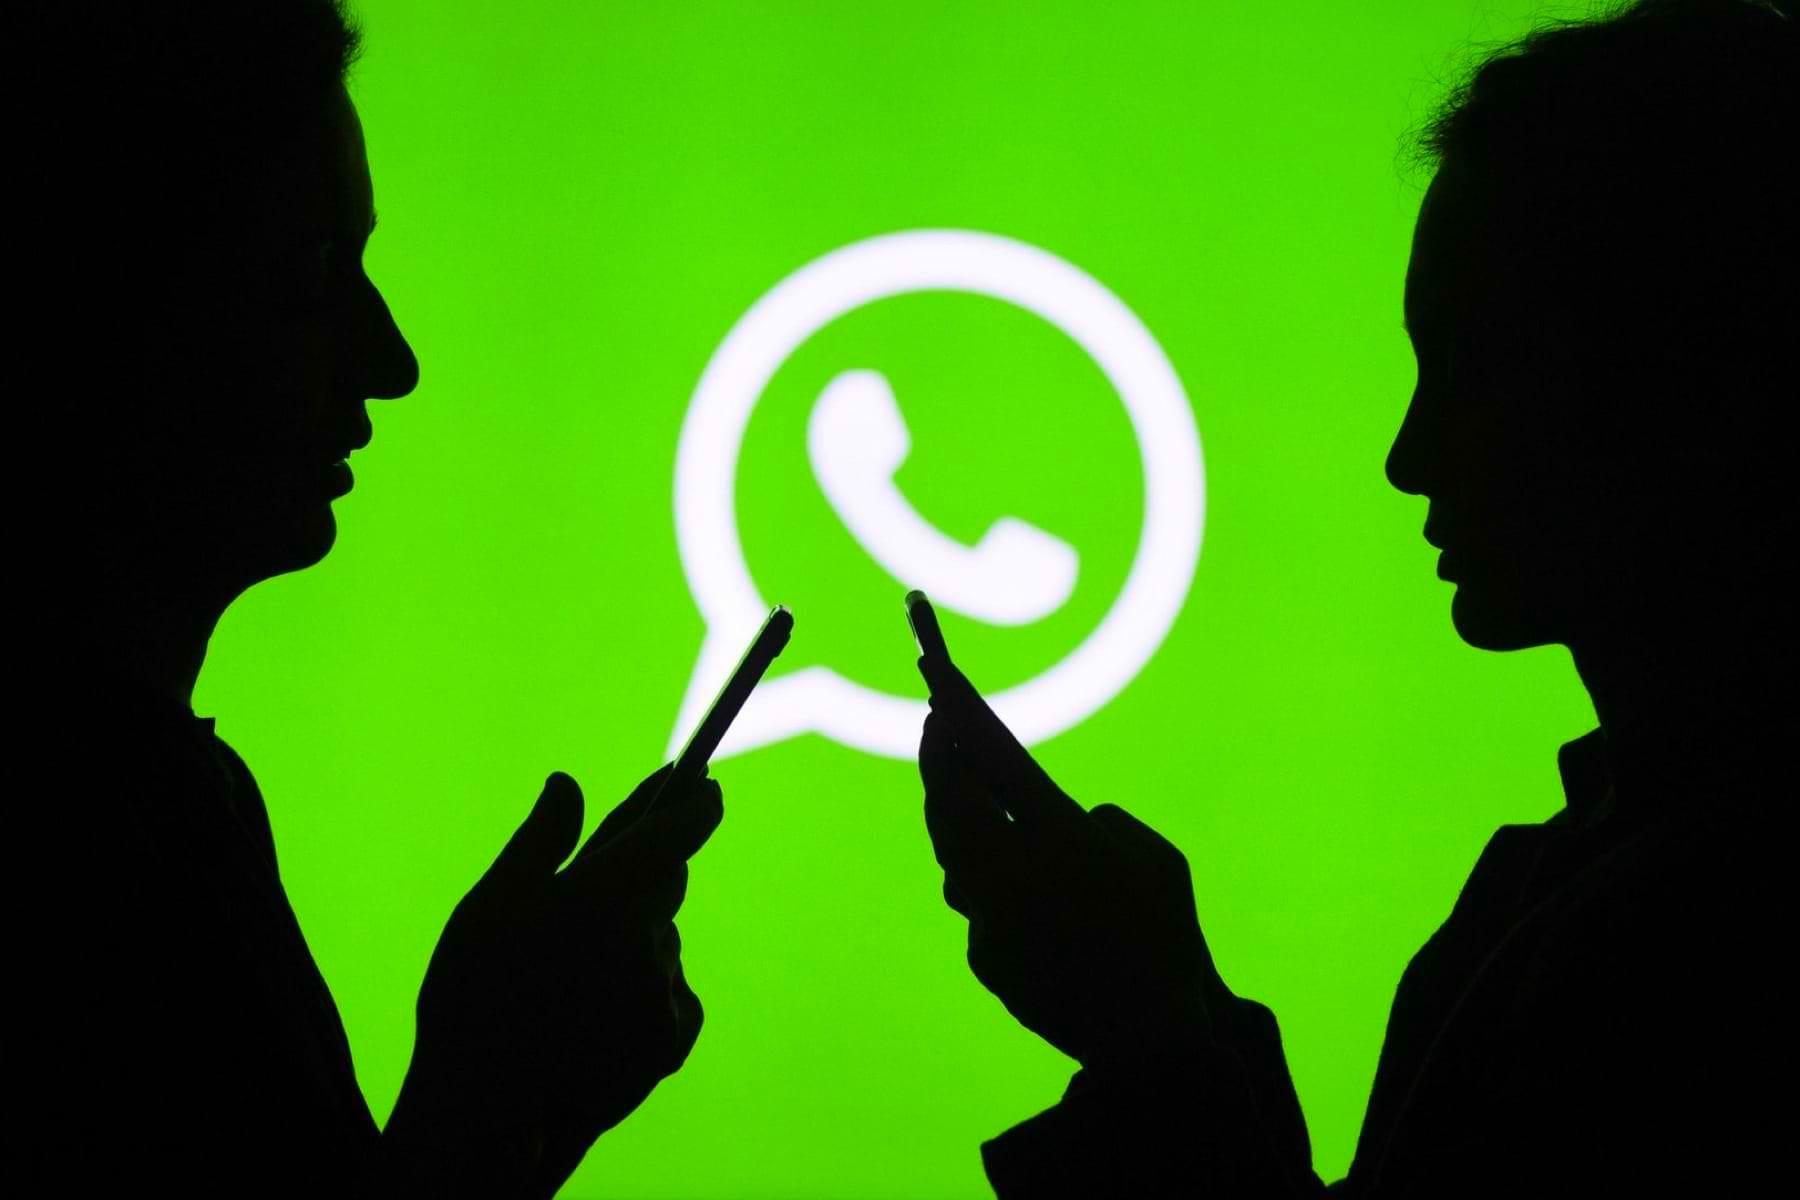 Люди на фоне логотипа WhatsApp